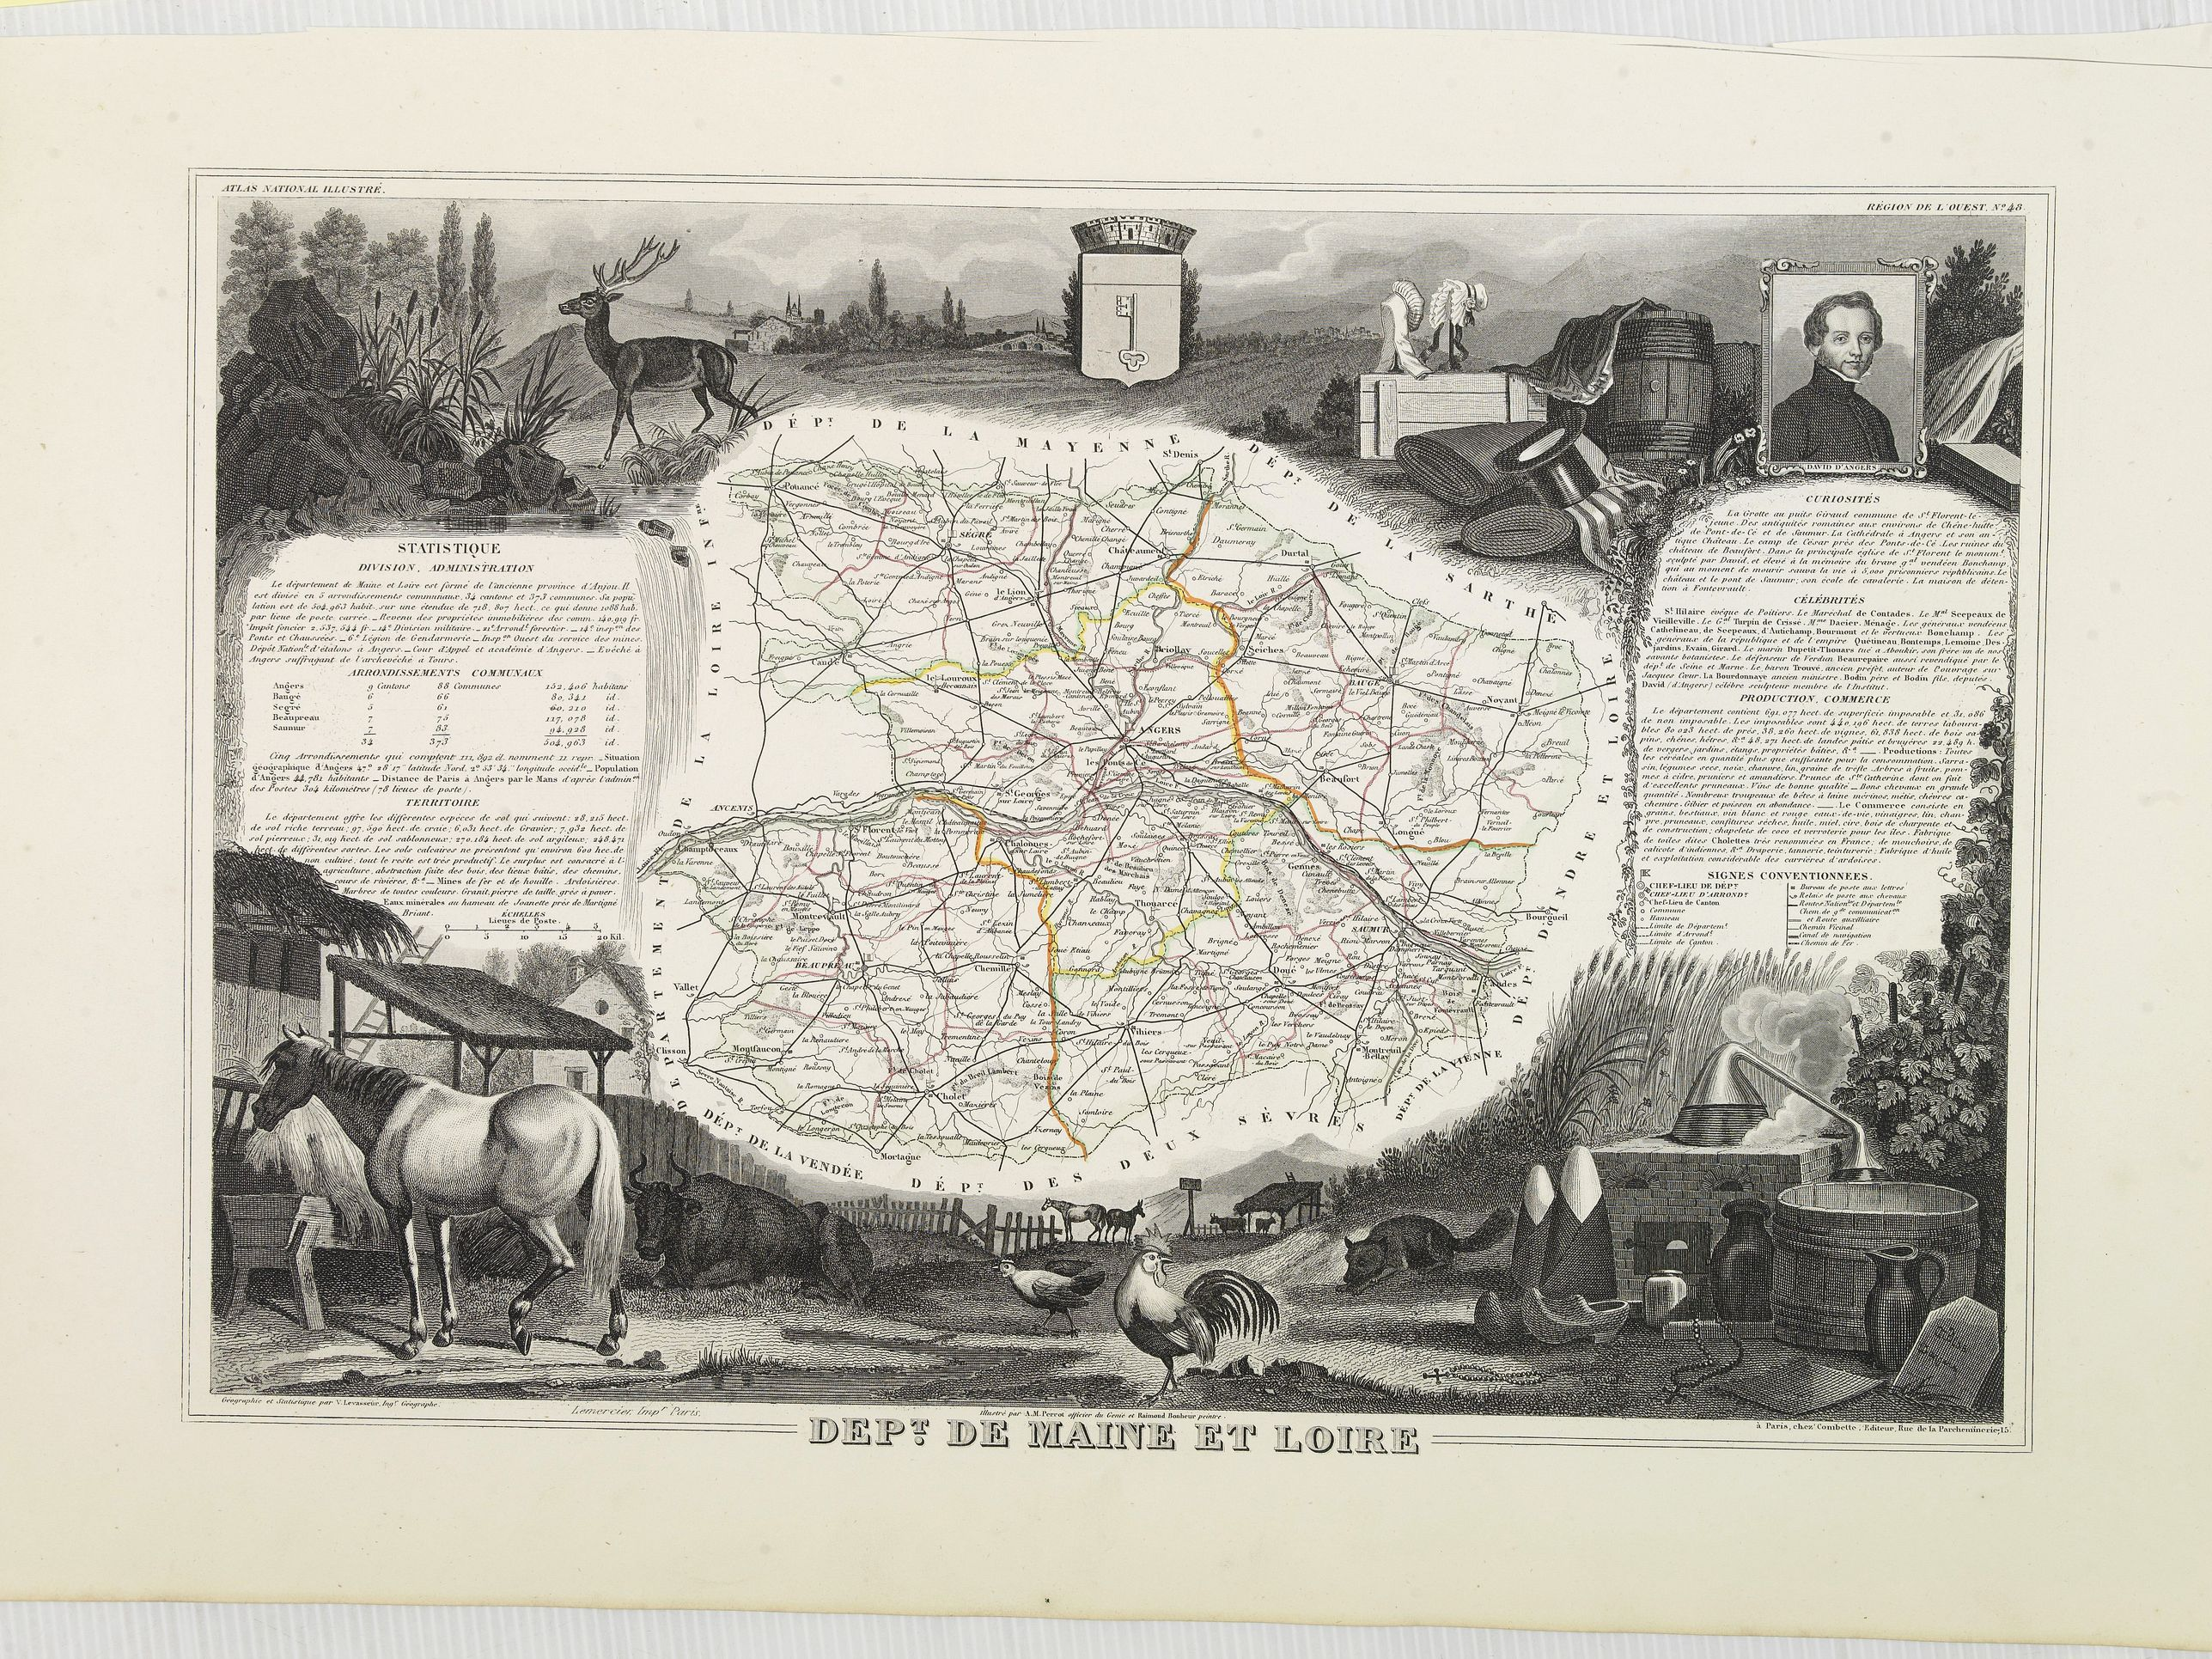 LEVASSEUR, V. -  Dépt. De Maine et Loire. N°48.